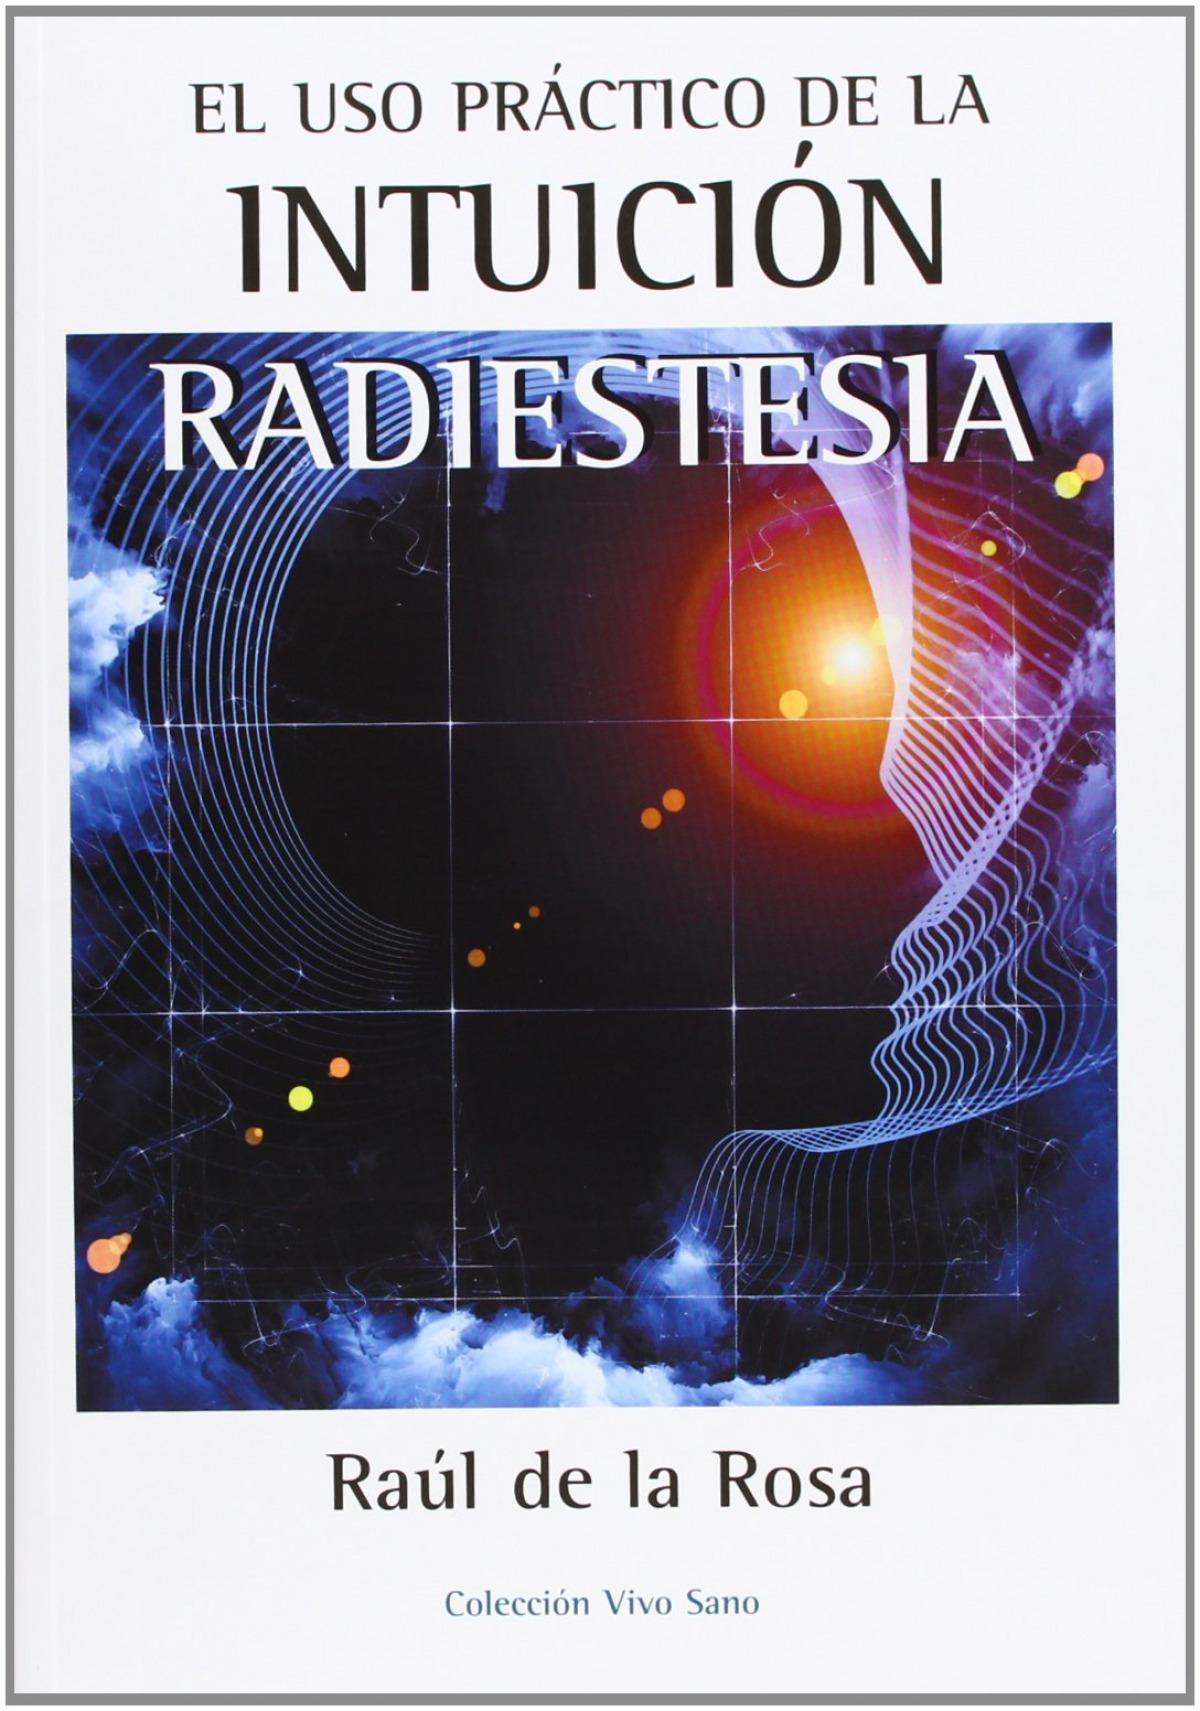 Uso práctico de la intuición:radiestesia